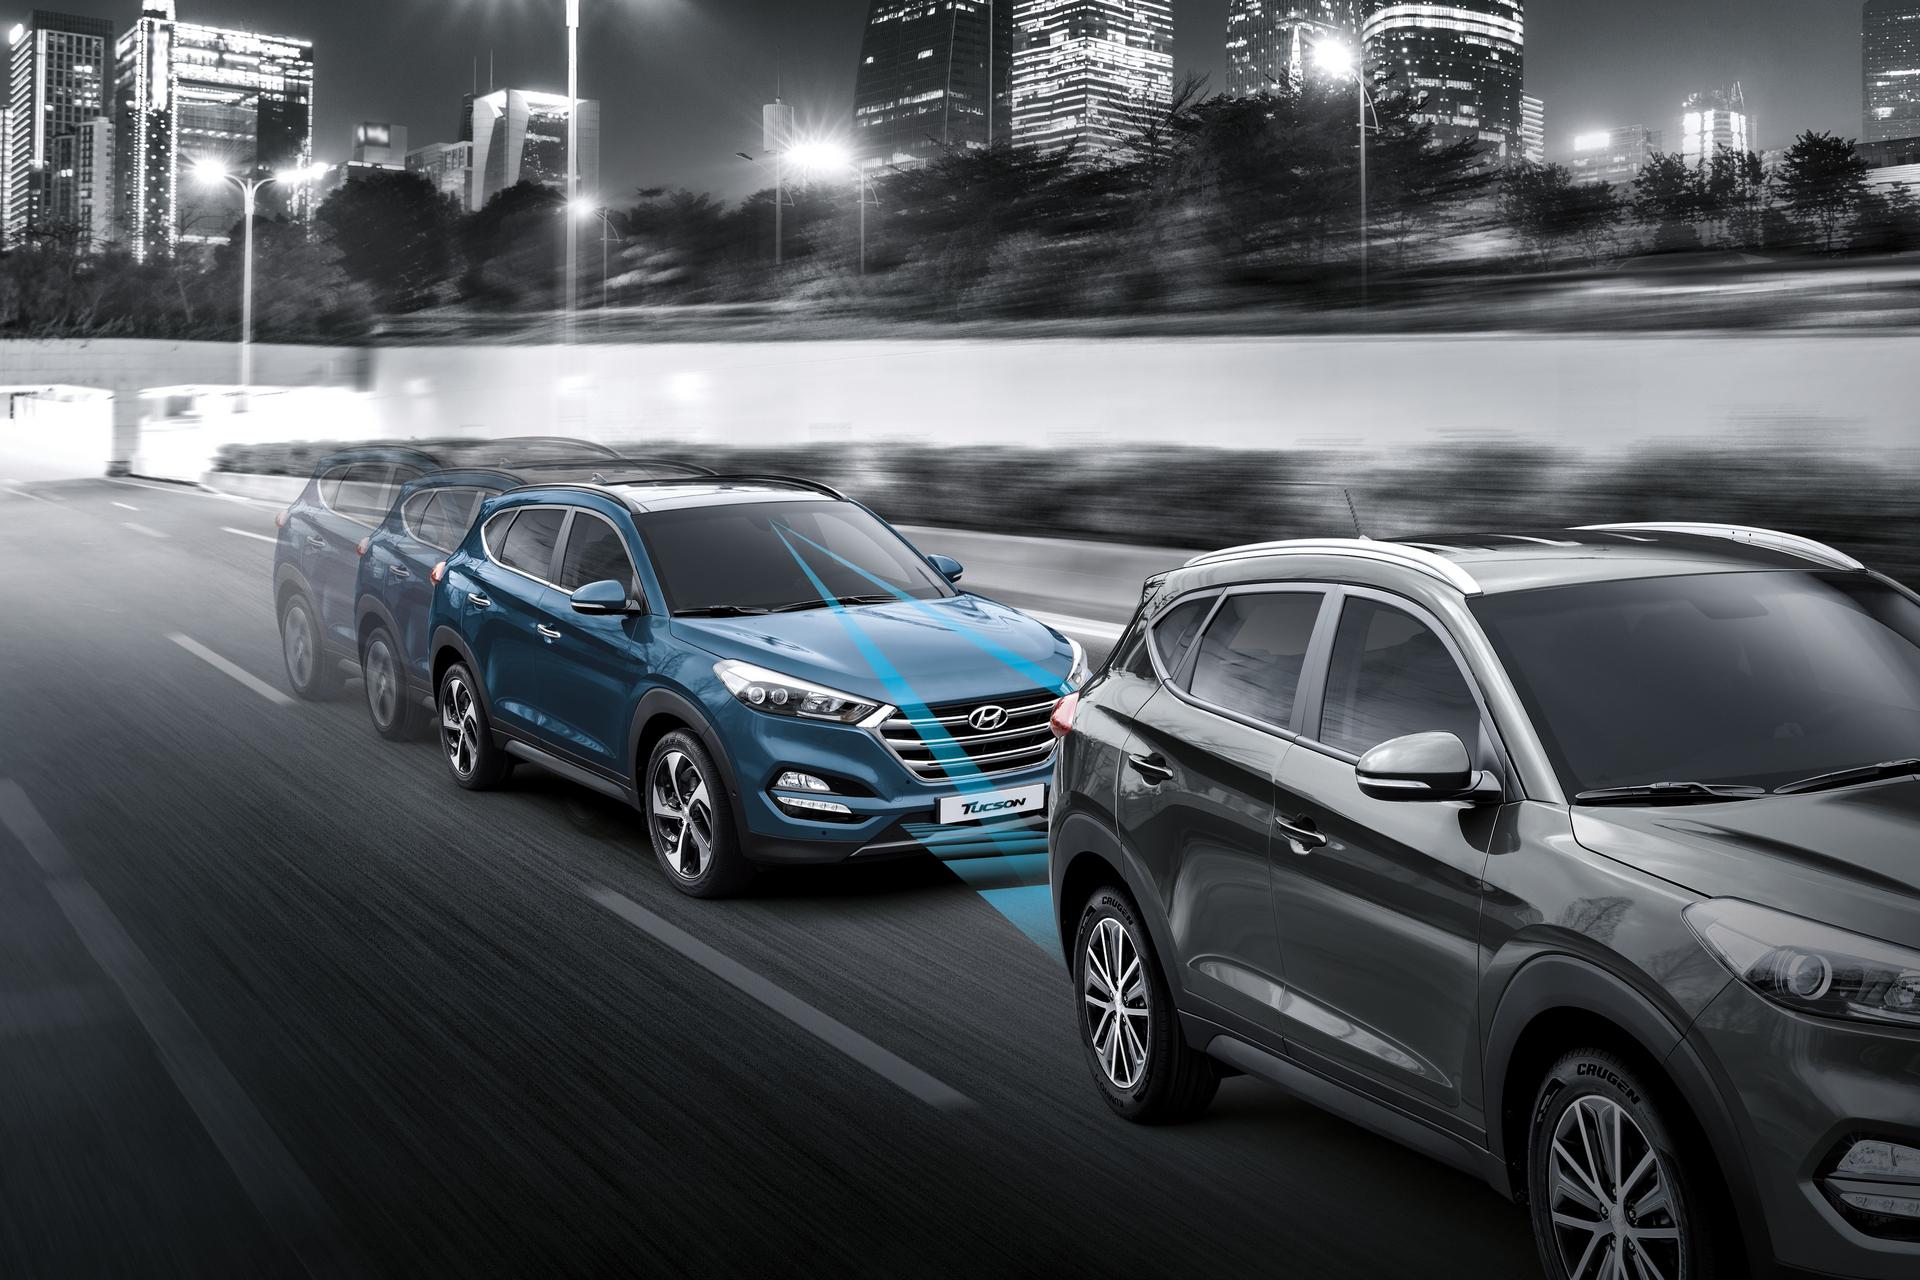 2016 Hyundai Tucson © Hyundai Motor Company